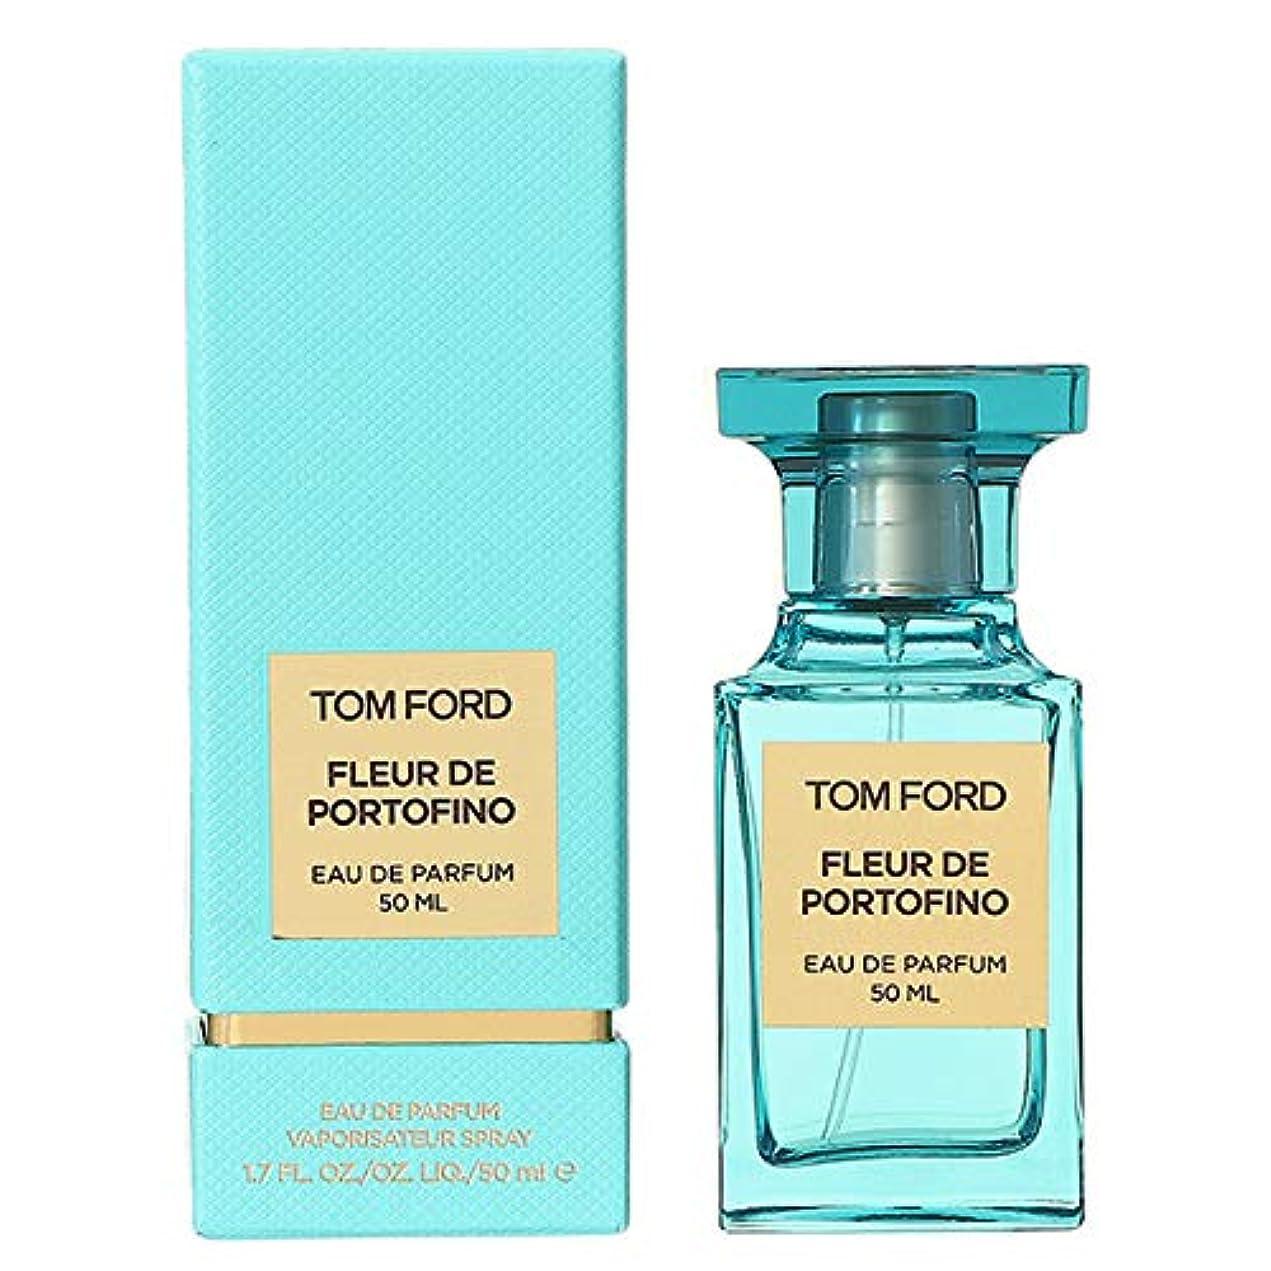 トム フォード ビューティ TOM FORD BEAUTY フルール ド ポルトフィーノ オード パルファム スプレィ EDP 50mL 【並行輸入品】